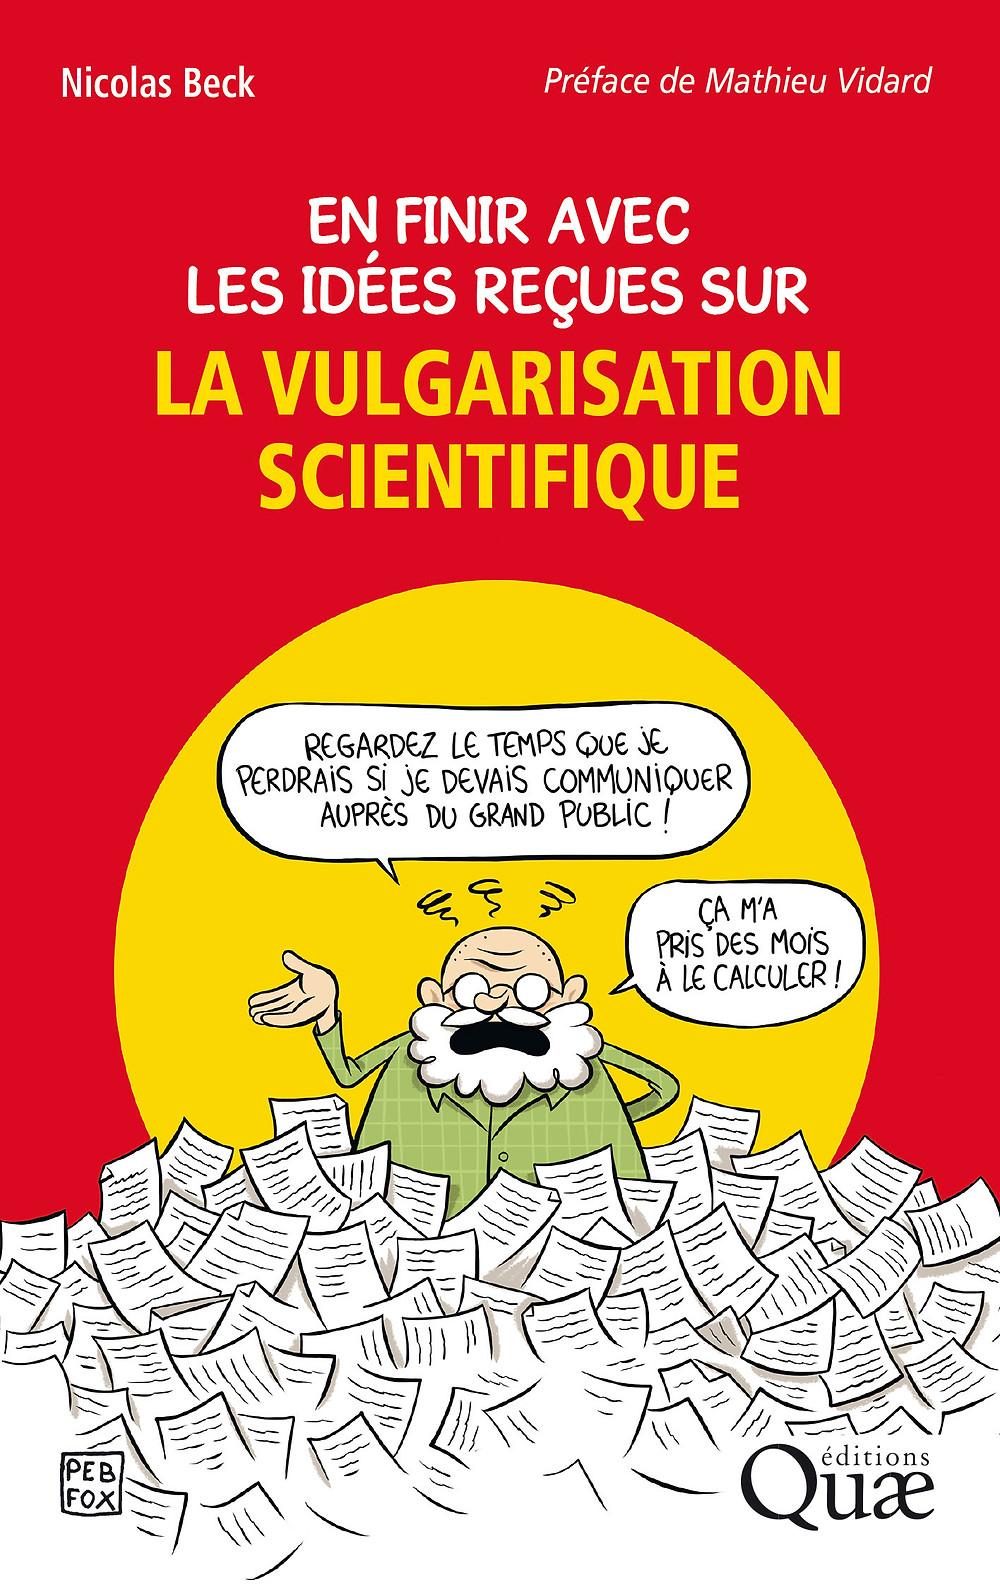 En finir avec les idées reçues sur la vulgarisation scientifique - Nicolas Beck